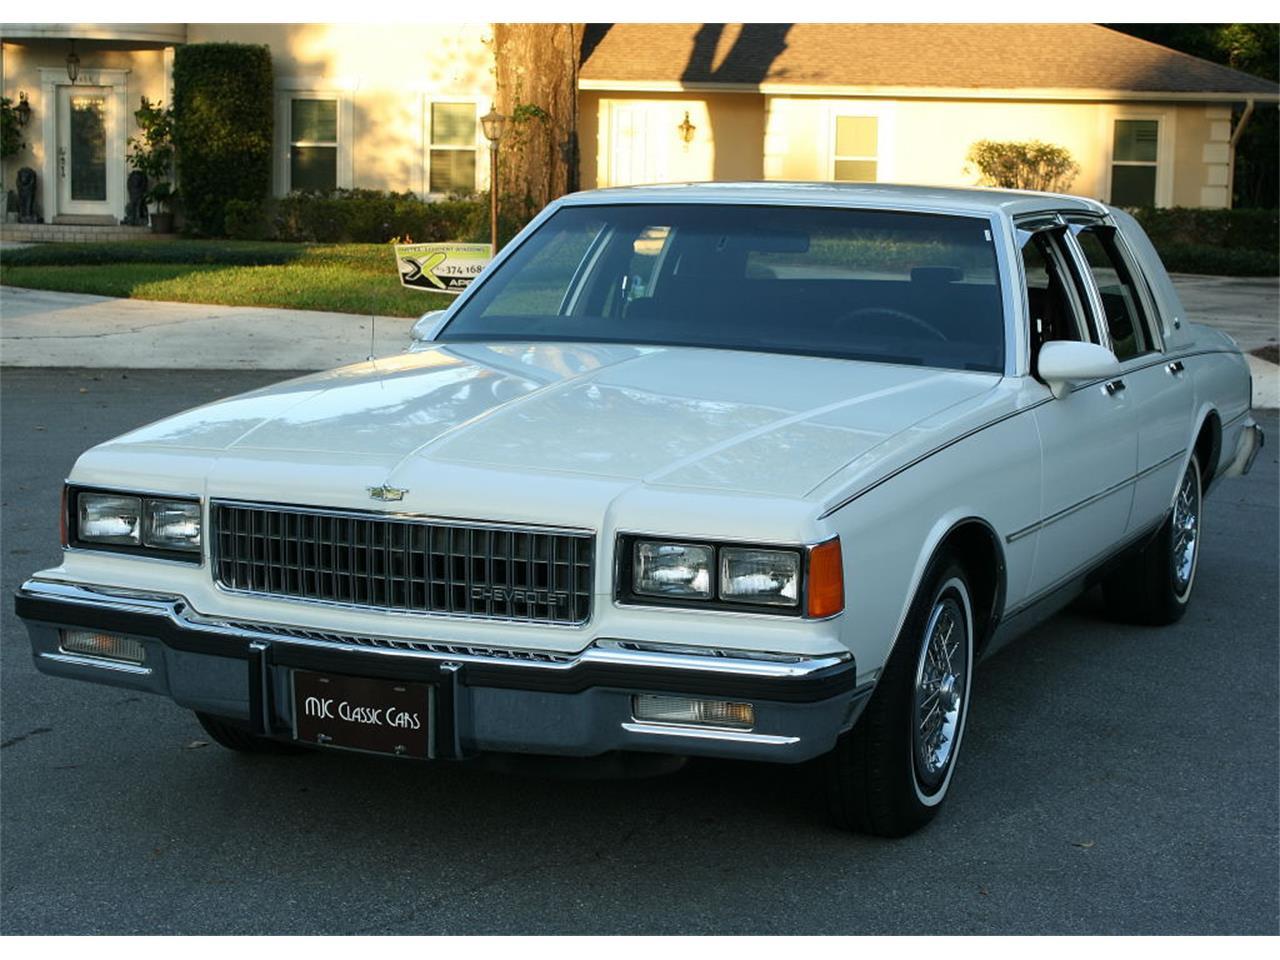 1986 Chevy Caprice Chrome Trim